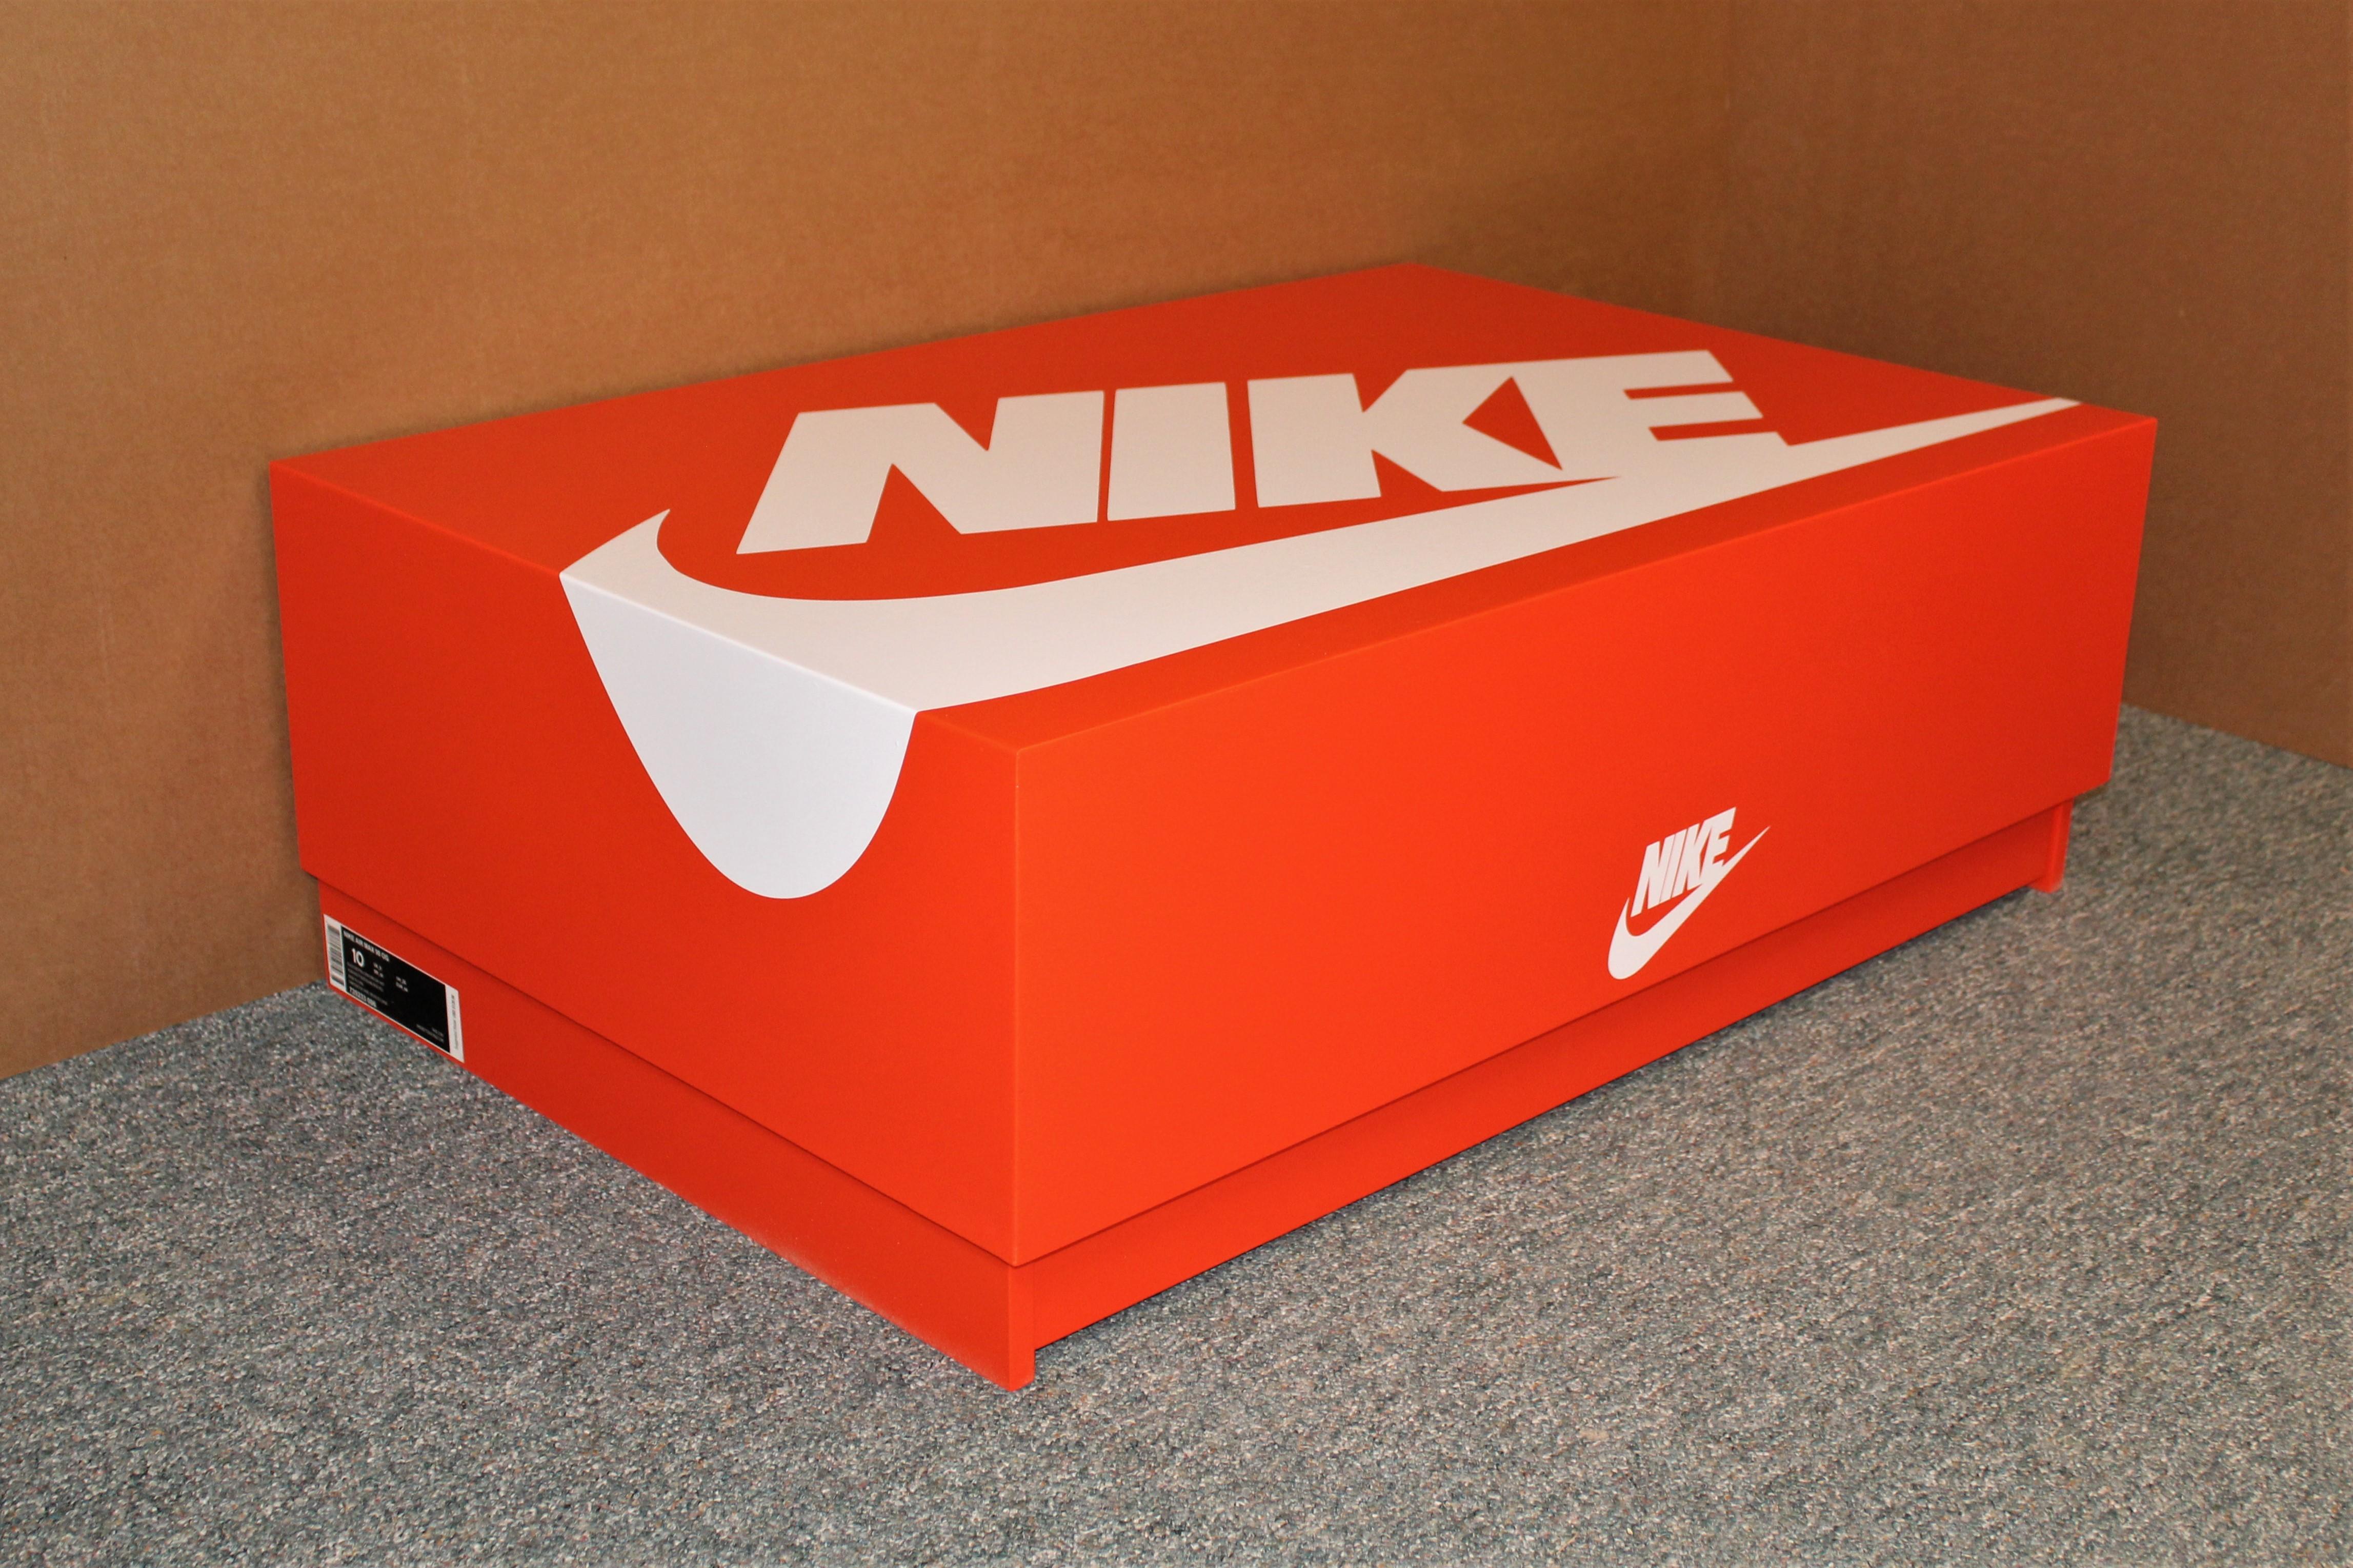 Nike Shoe Box Large